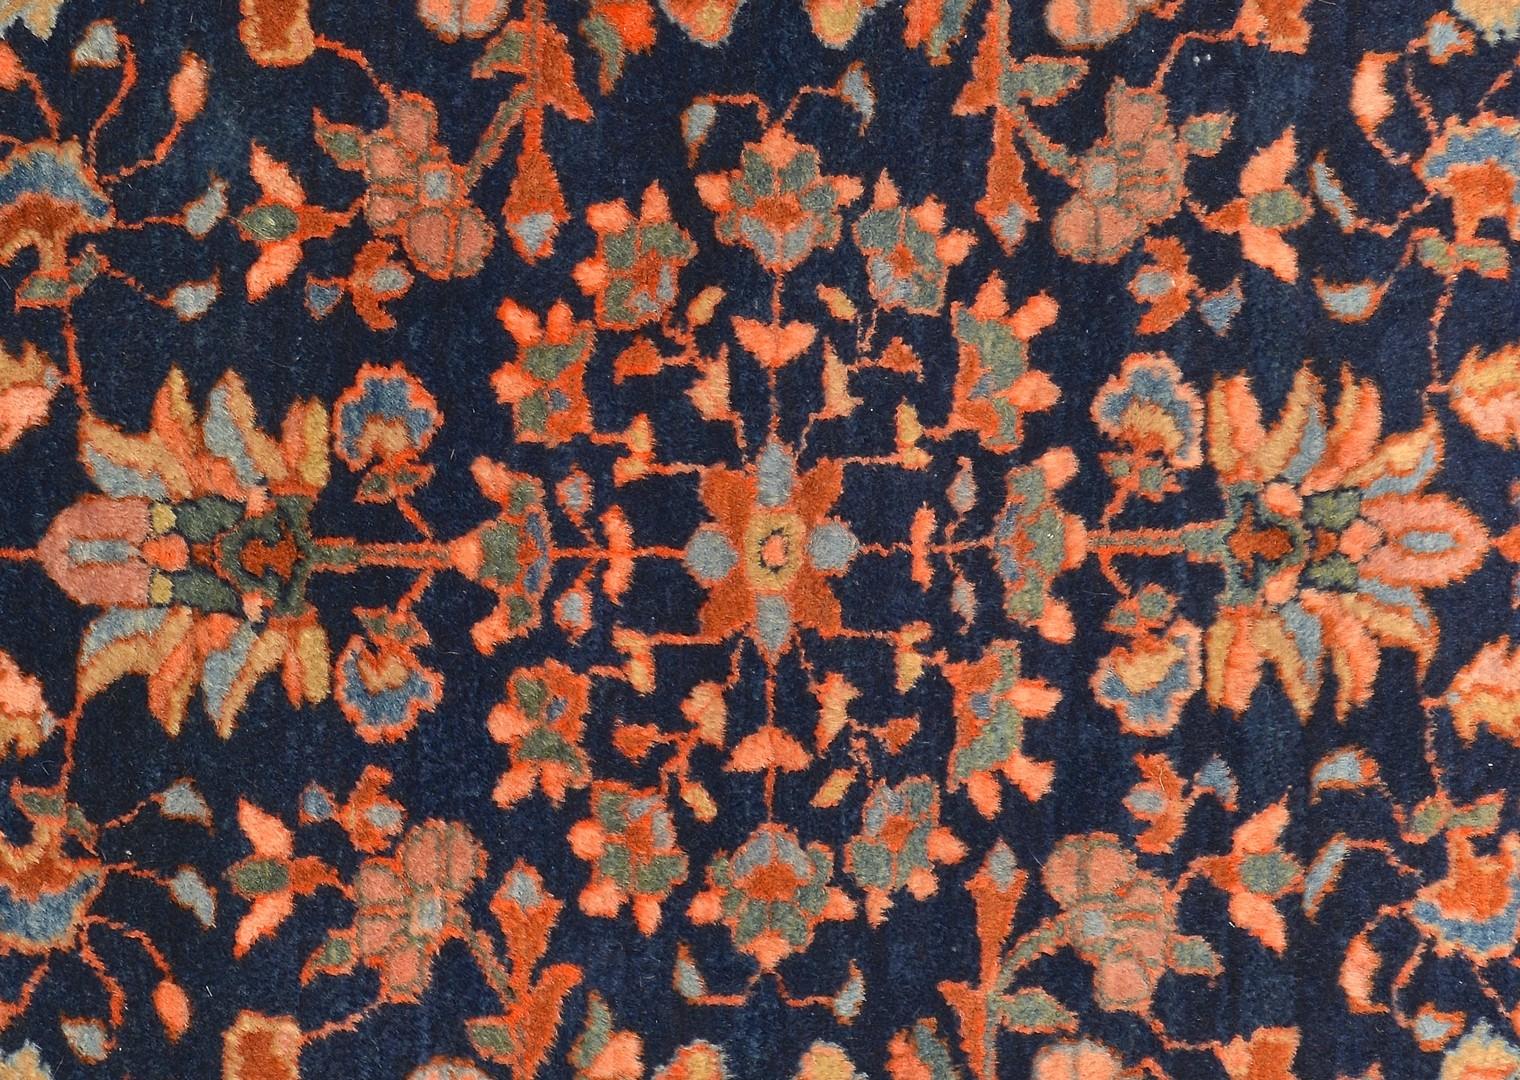 Lot 919: Persian Lilihan area rug, circa 1920